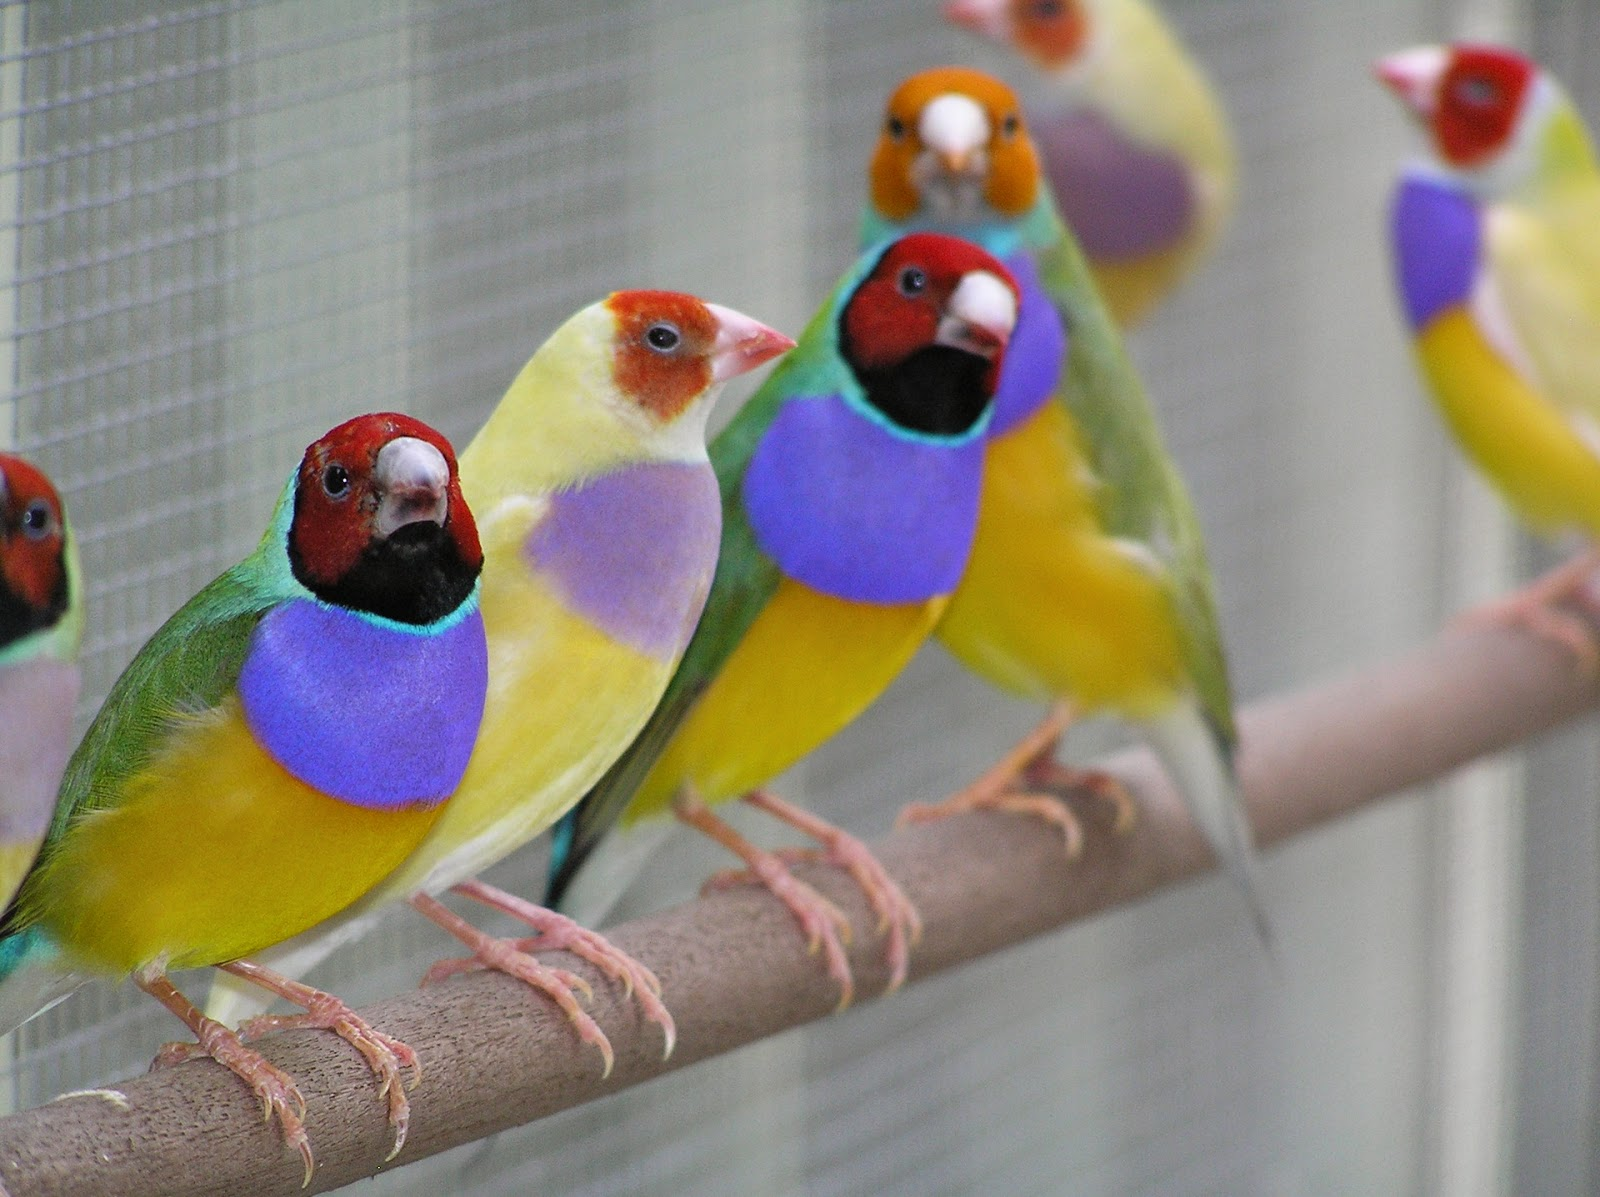 ฟาร์ม เลี้ยงนกฟินซ์ (Finch Birds) เลี้ยงง่าย เพาะขาย รายได้ดี